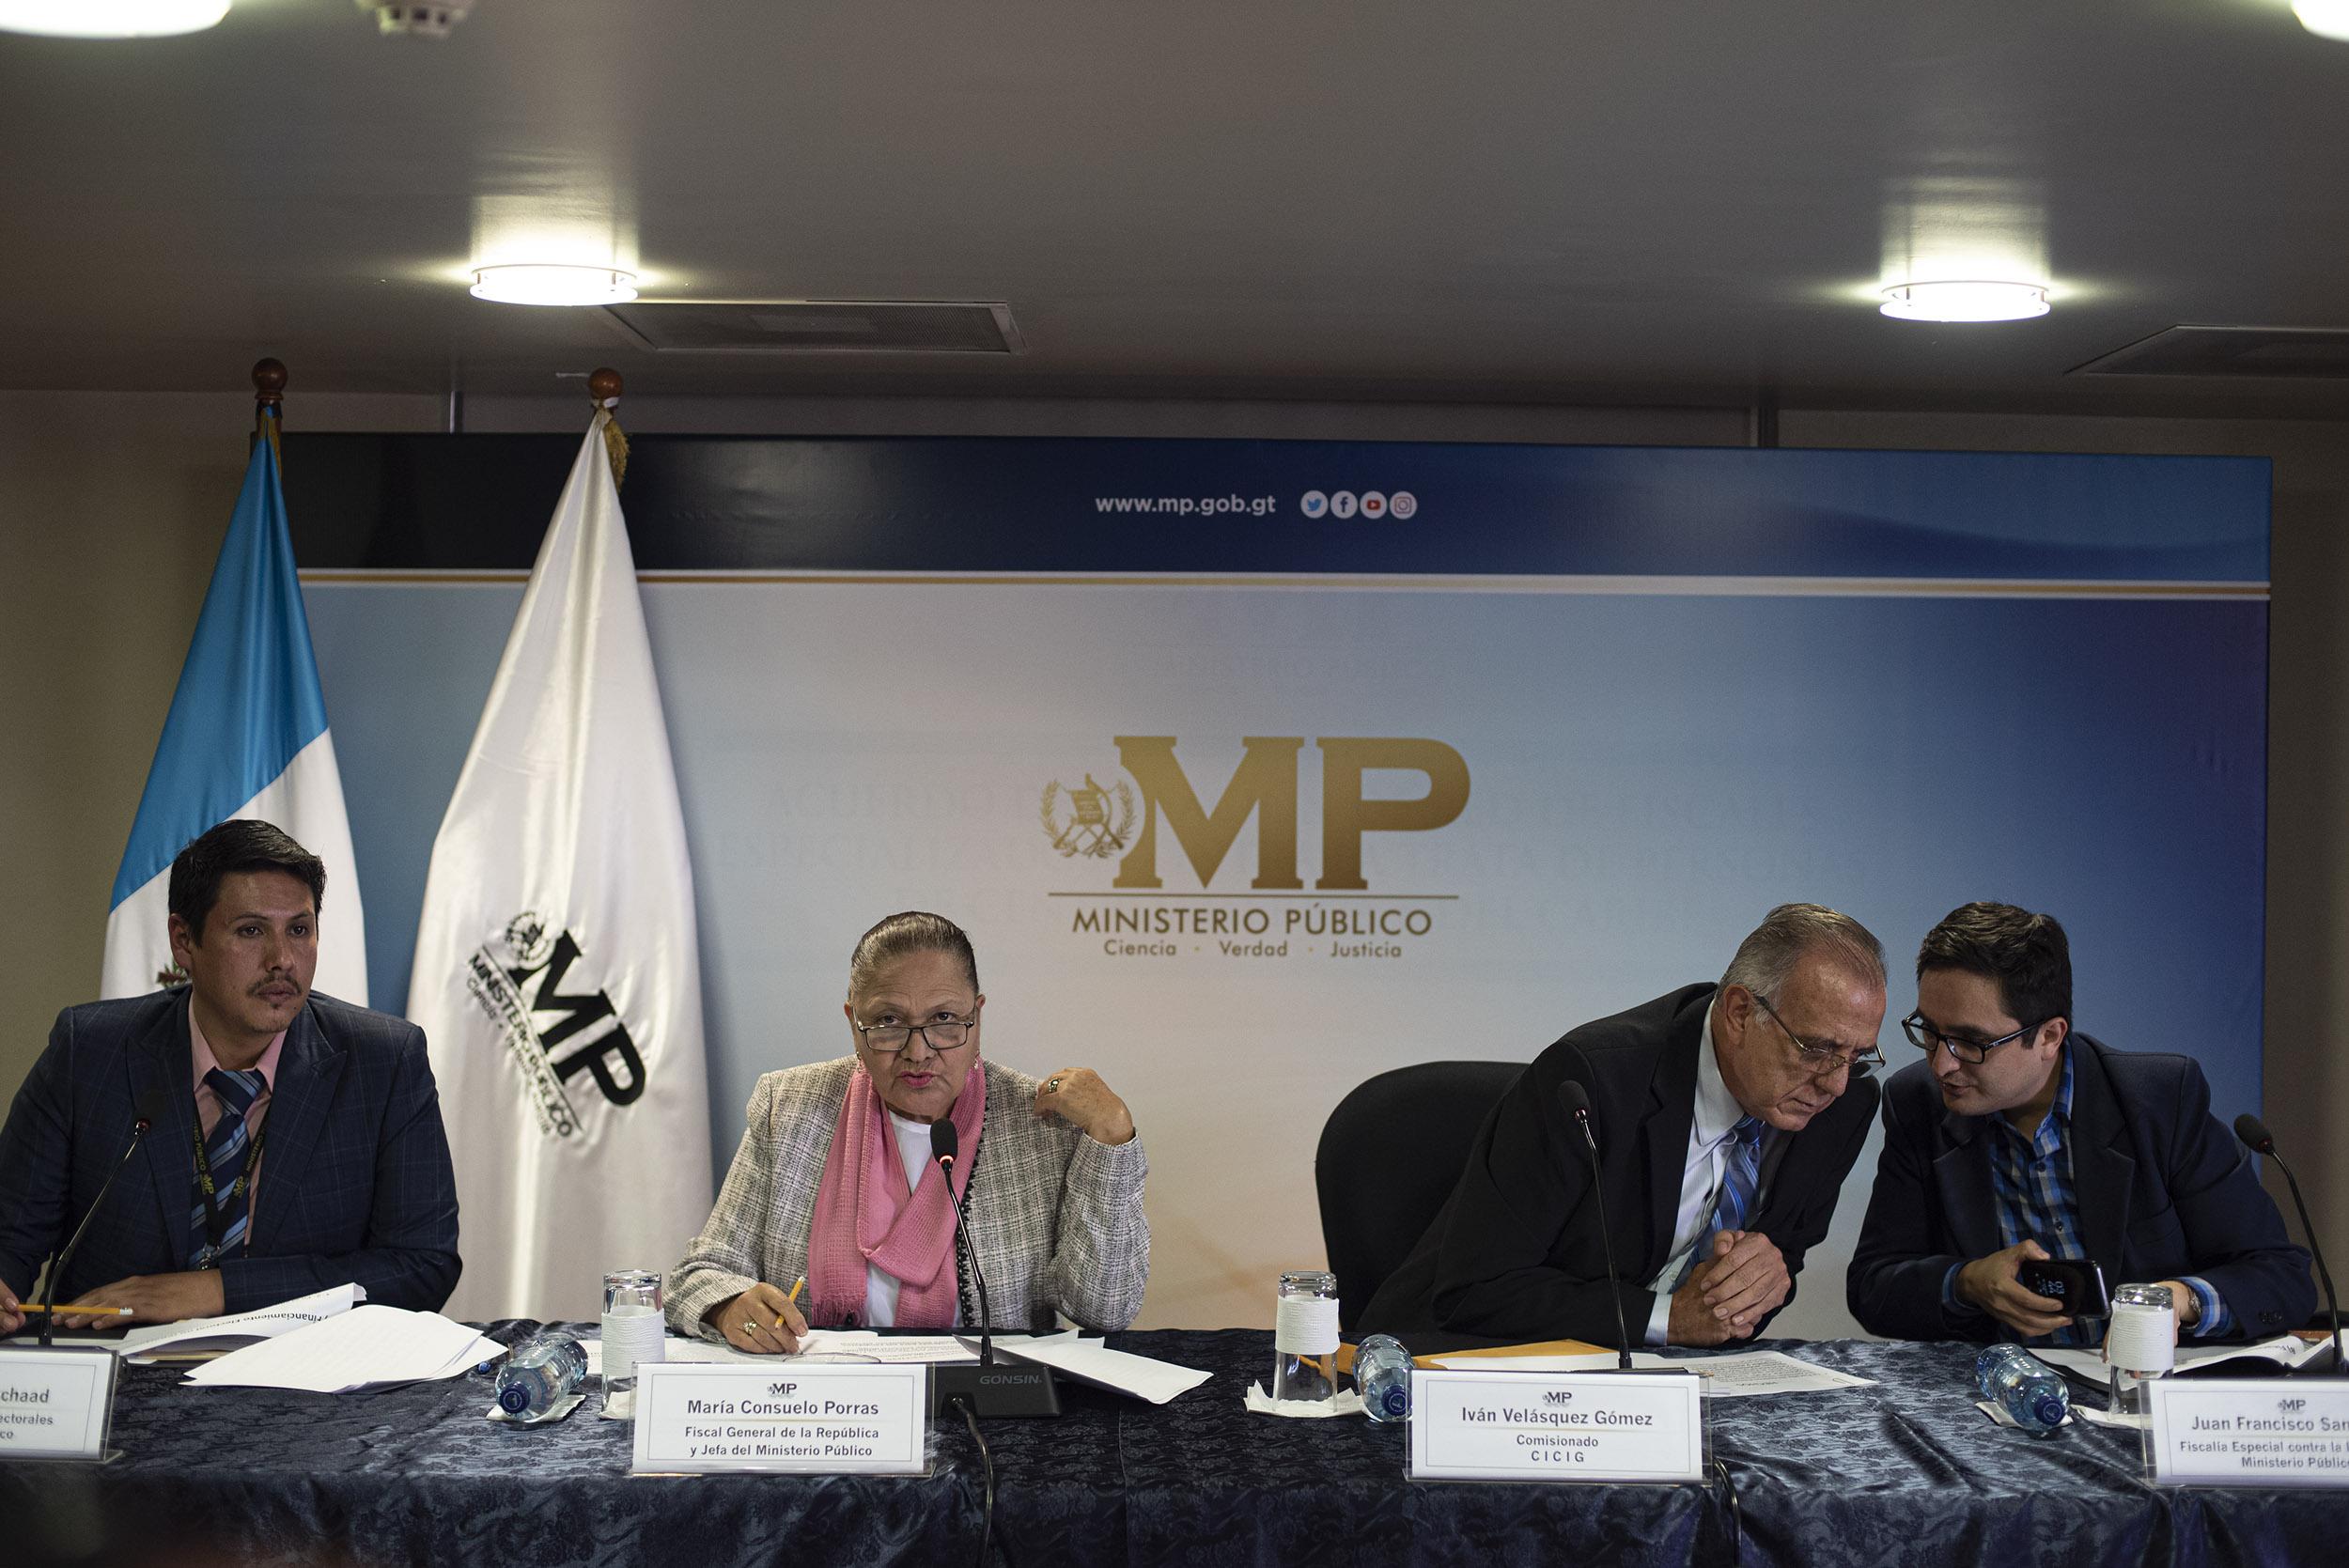 Consuelo Porras, Ivan Velasquez y Sandoval